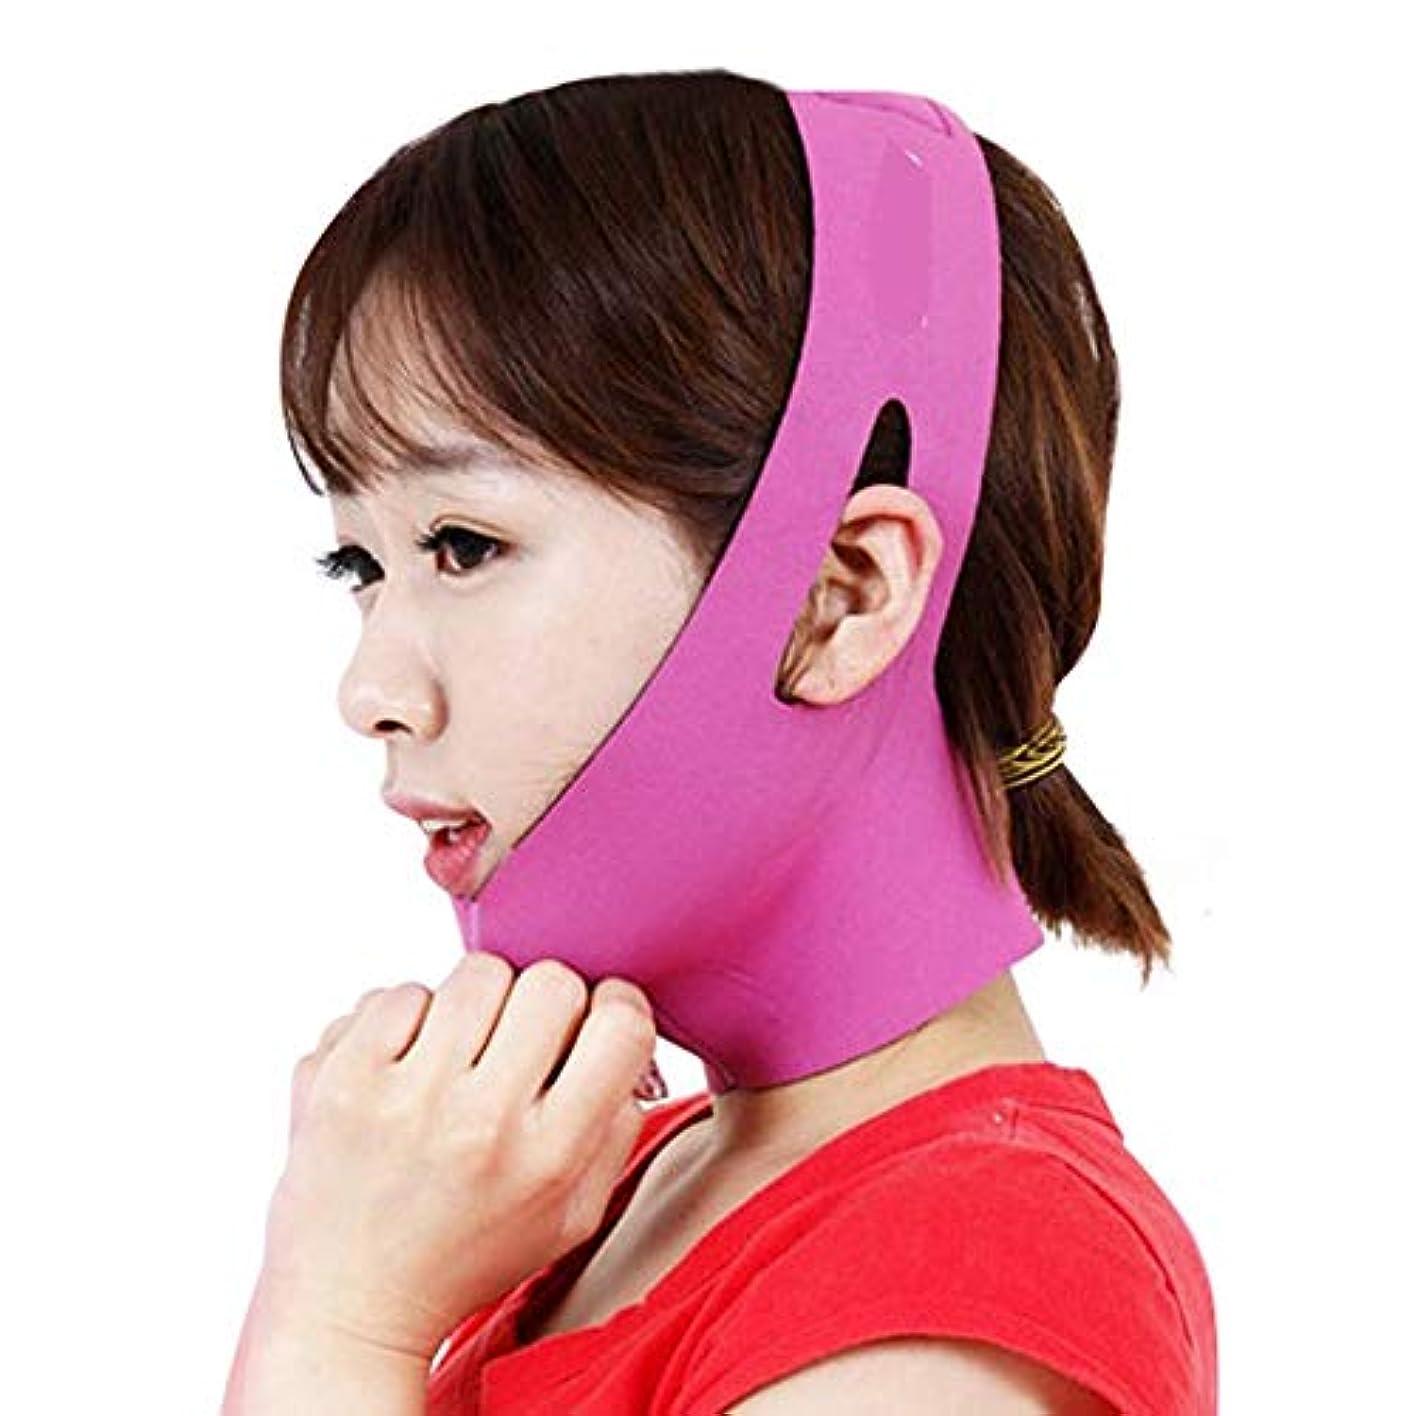 賢明な馬力トリムBS フェイシャルリフティング痩身ベルト圧縮二重あご減量ベルトスキンケア薄い顔包帯二重あごワークアウト フェイスリフティングアーティファクト (Color : Pink)